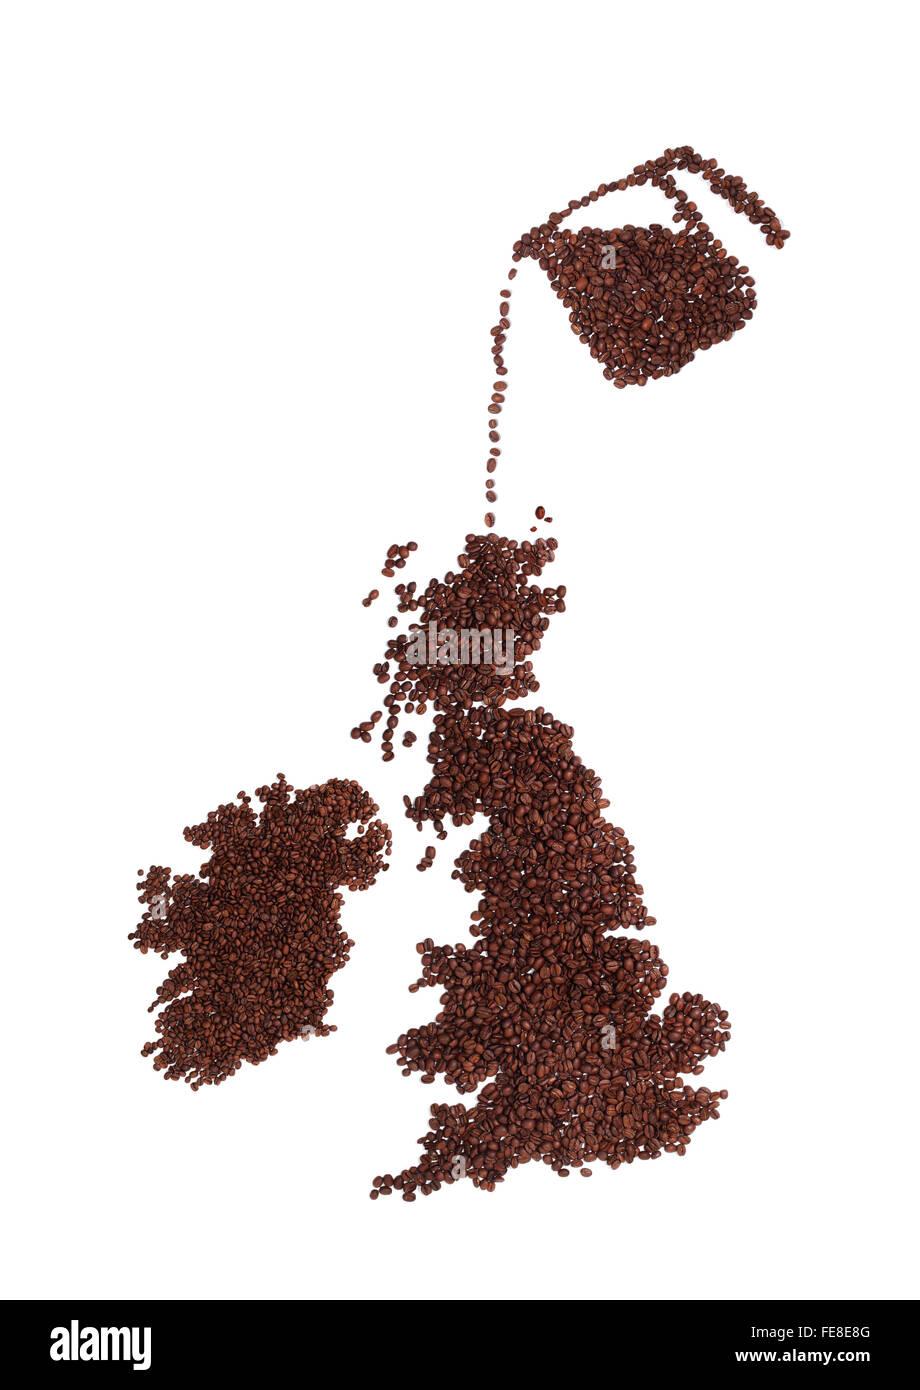 Pot de café Verser les haricots sur une carte de l'Angleterre, l'Irlande et l'Ecosse. Brown, tous fabriqués à partir Banque D'Images